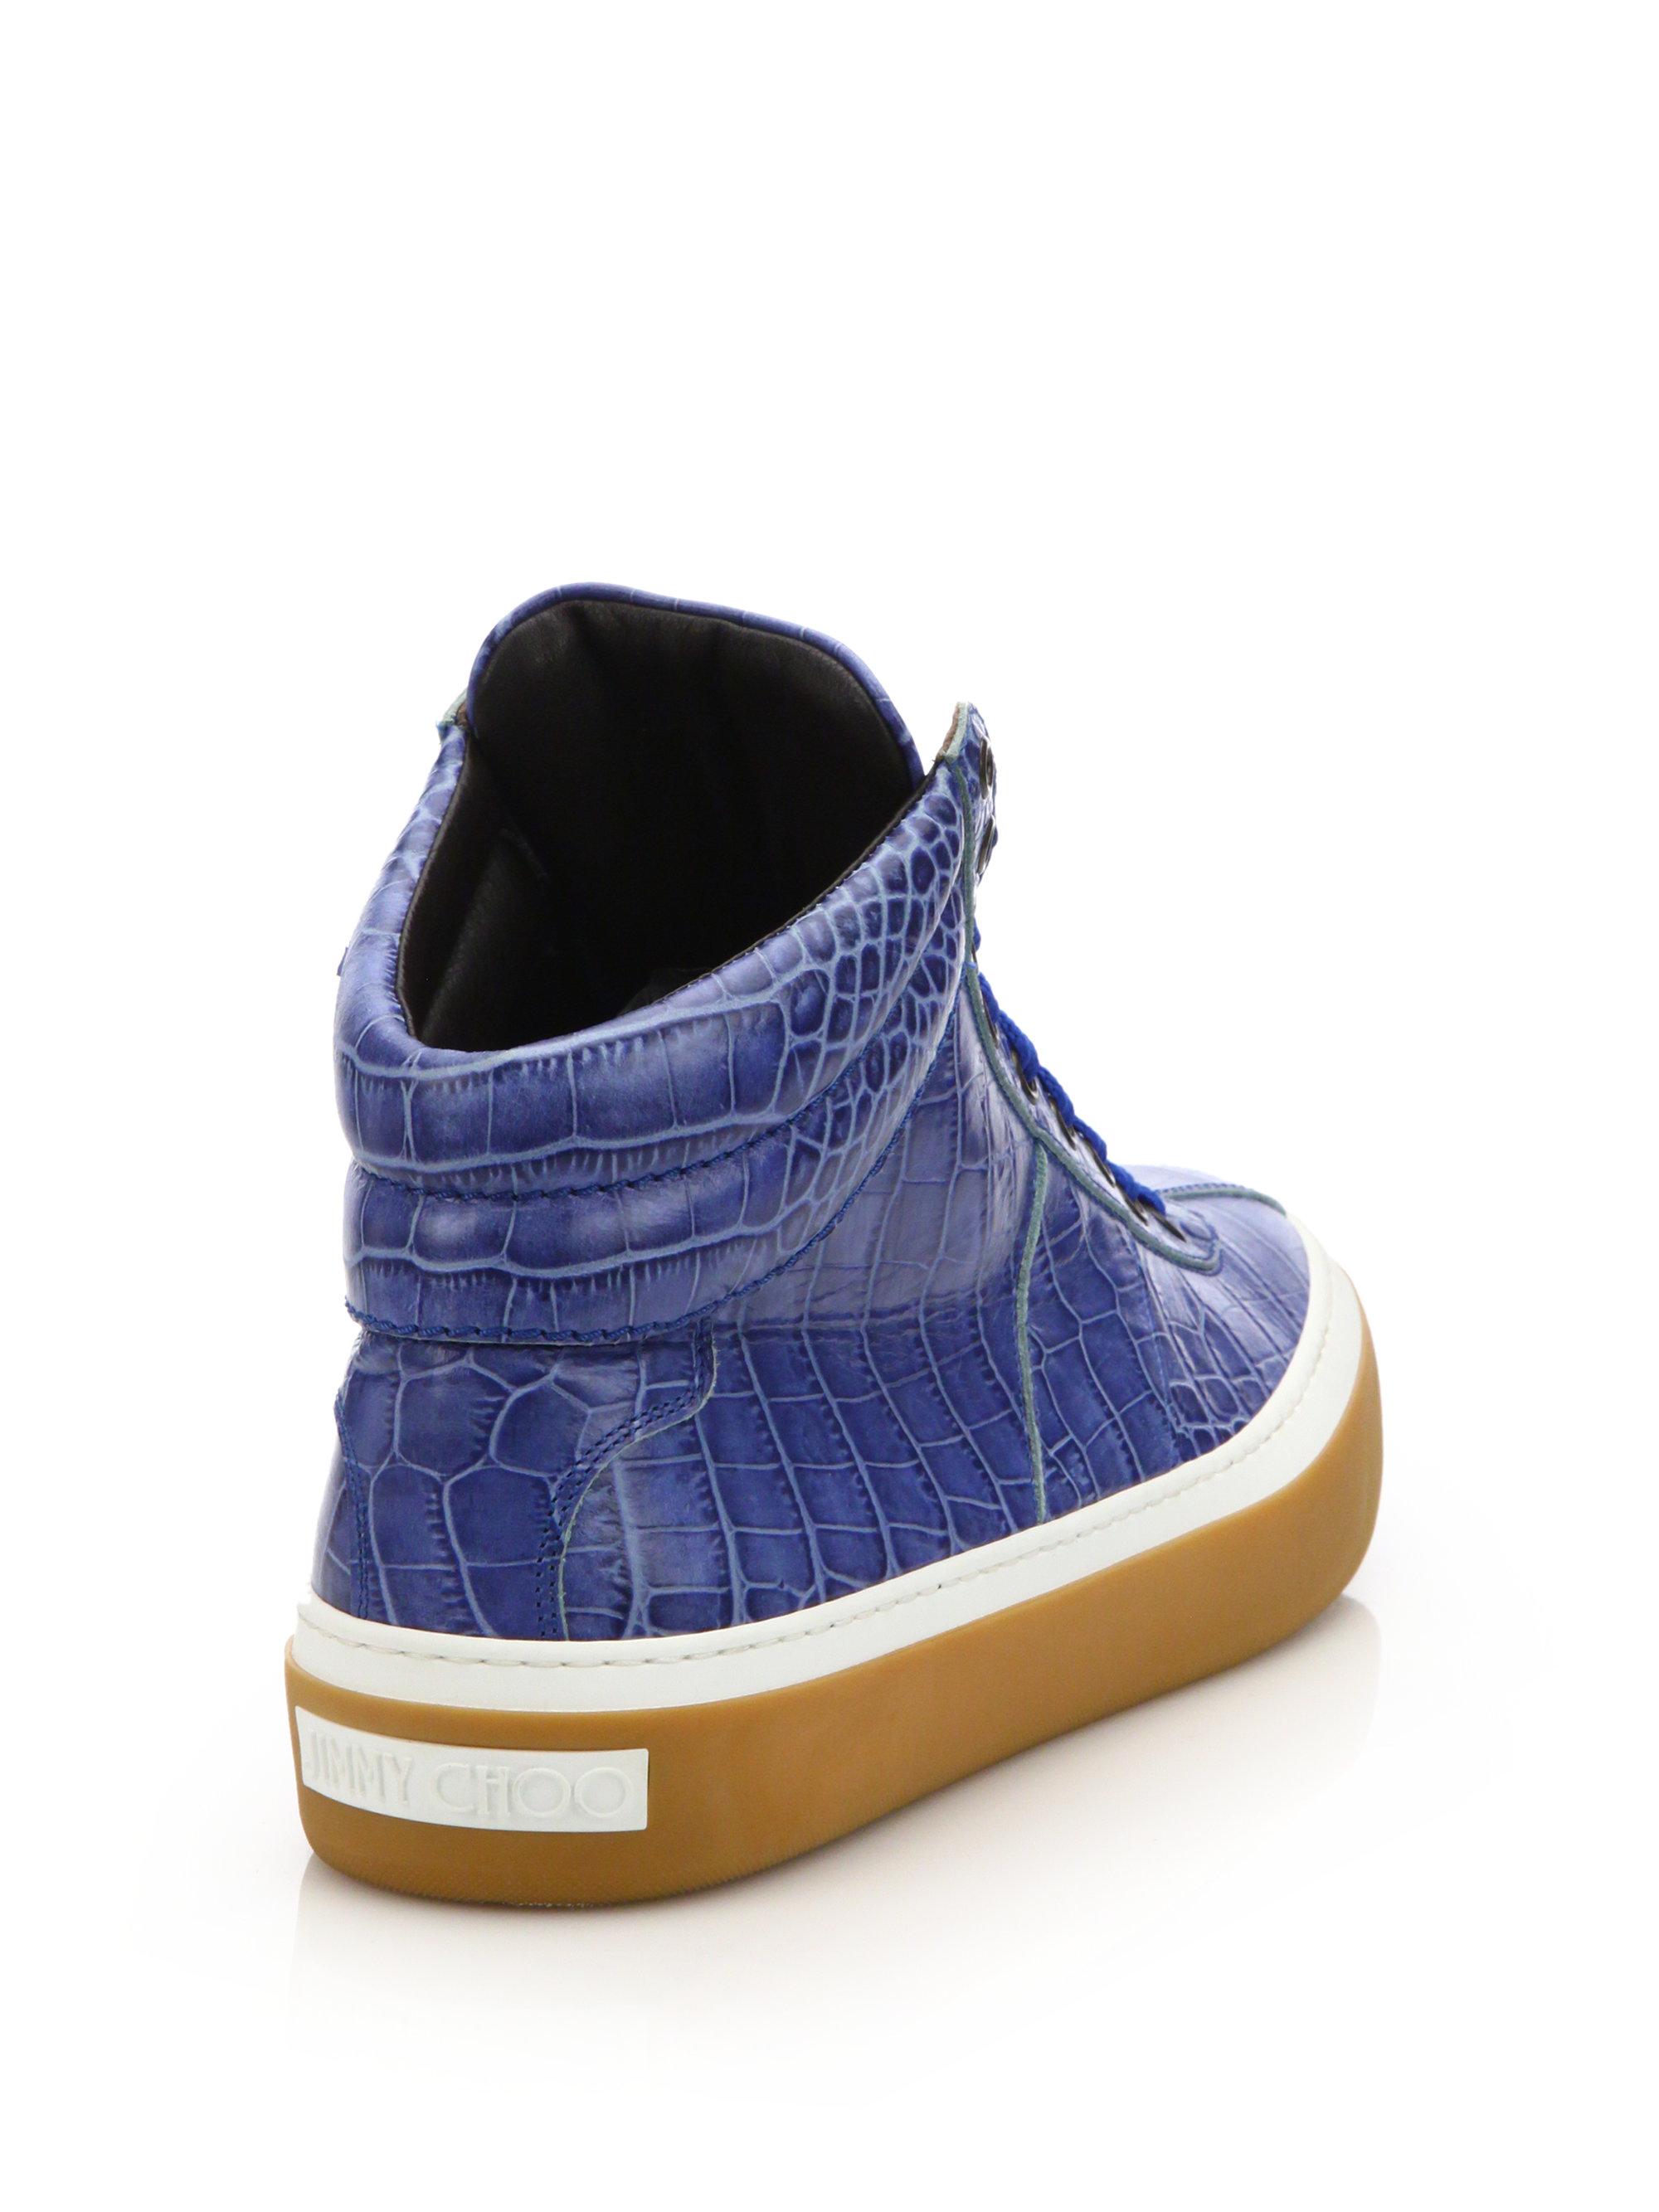 Jett sneakers - Blue Jimmy Choo London 5iEPaw1v4t